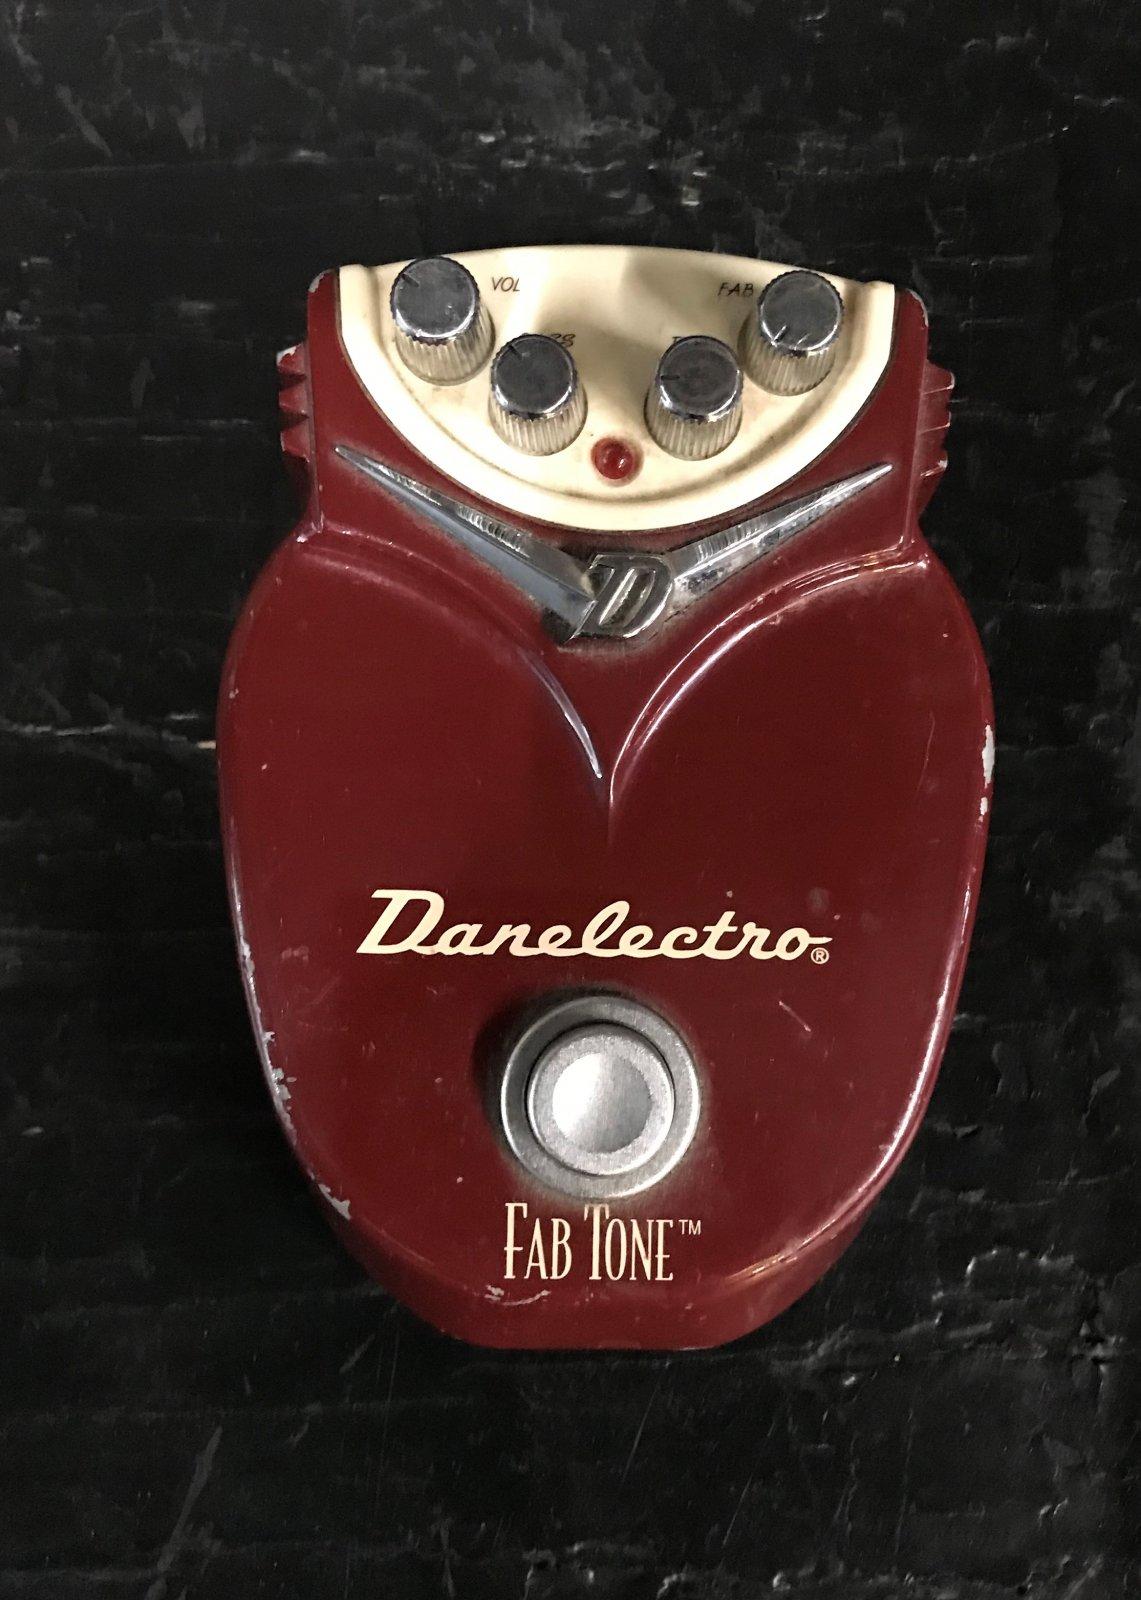 Used Danelectro Fab Tone